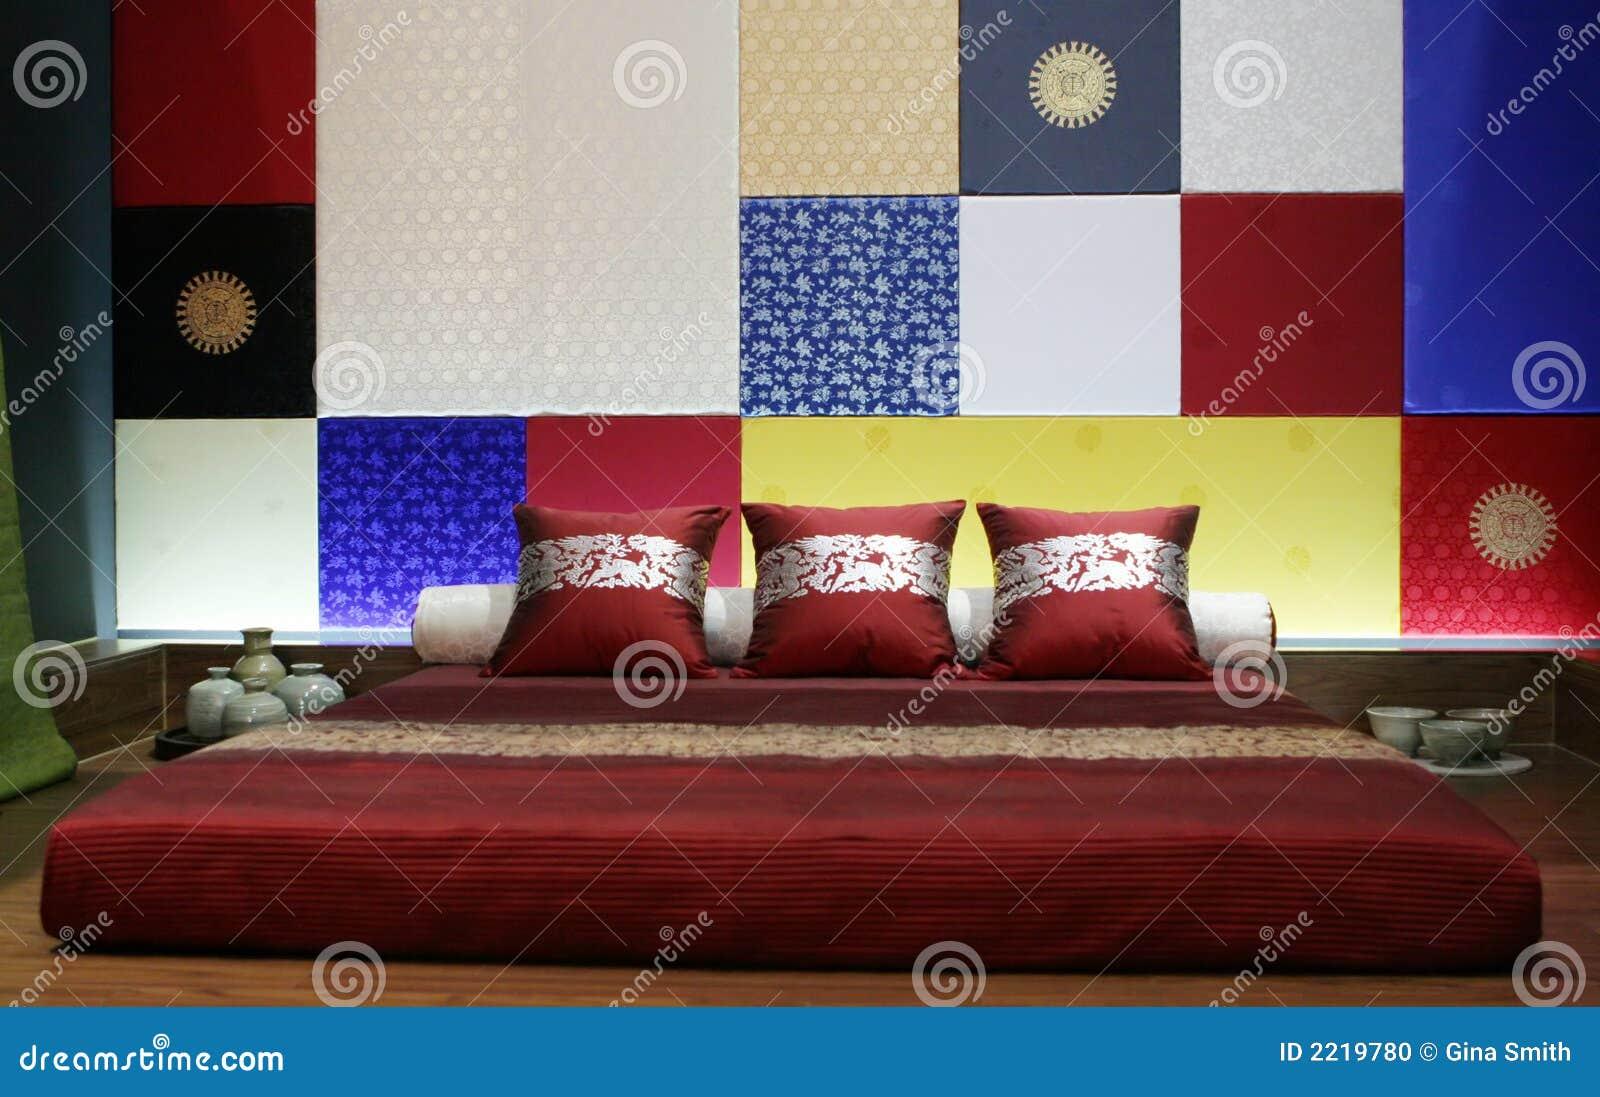 Modernes asiatisch art schlafzimmer